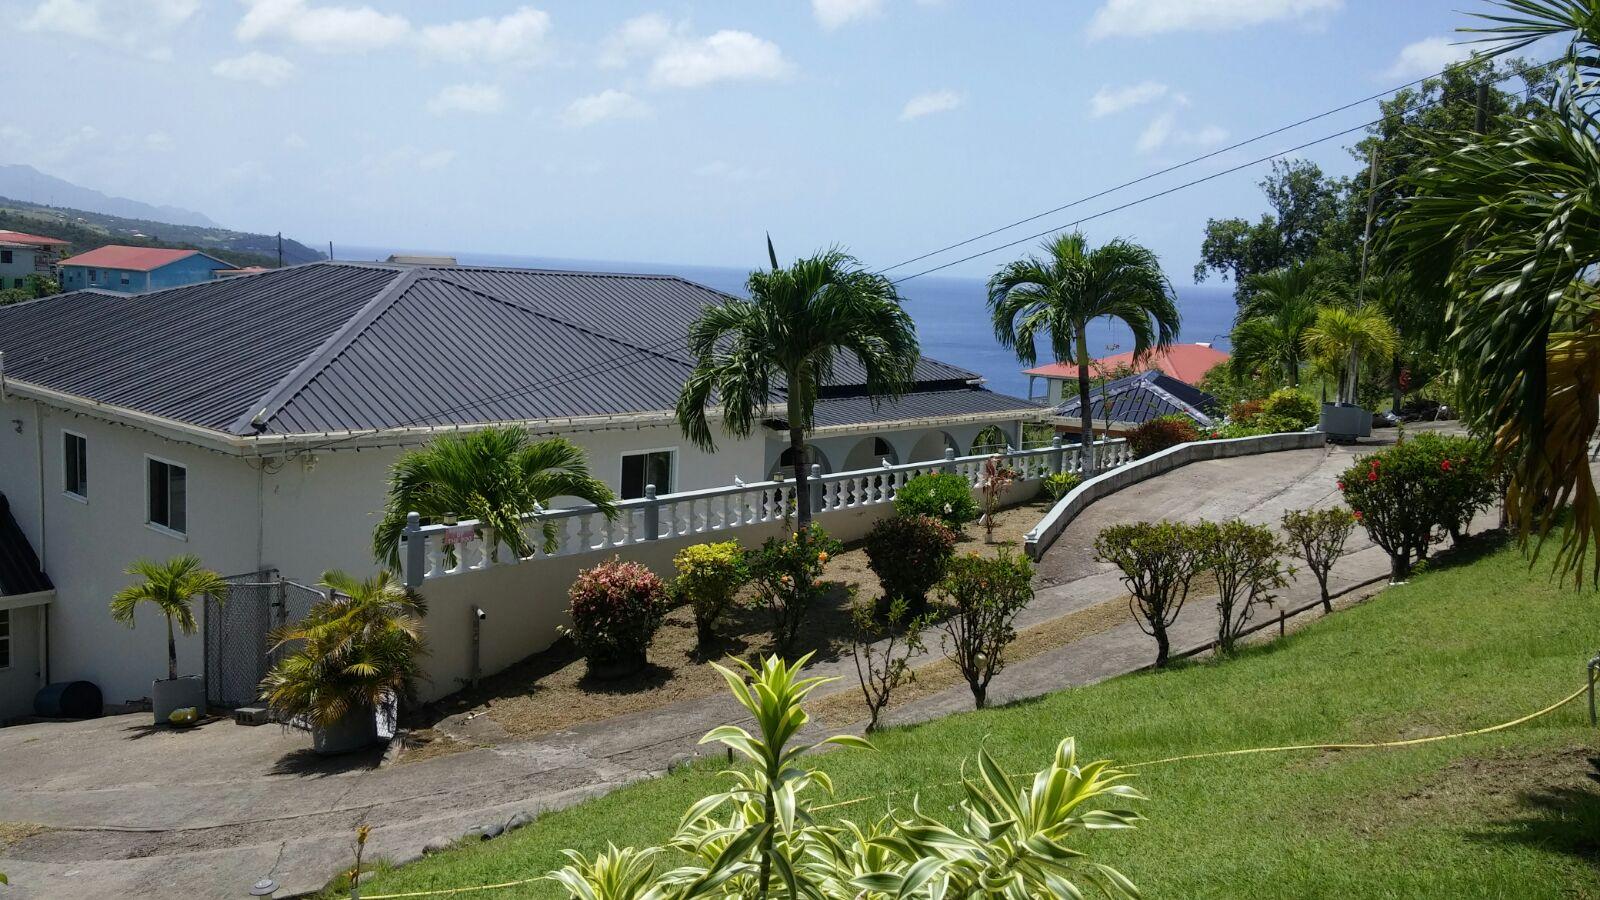 Dominica Real Estate: 3 bedroom home in Salisbury